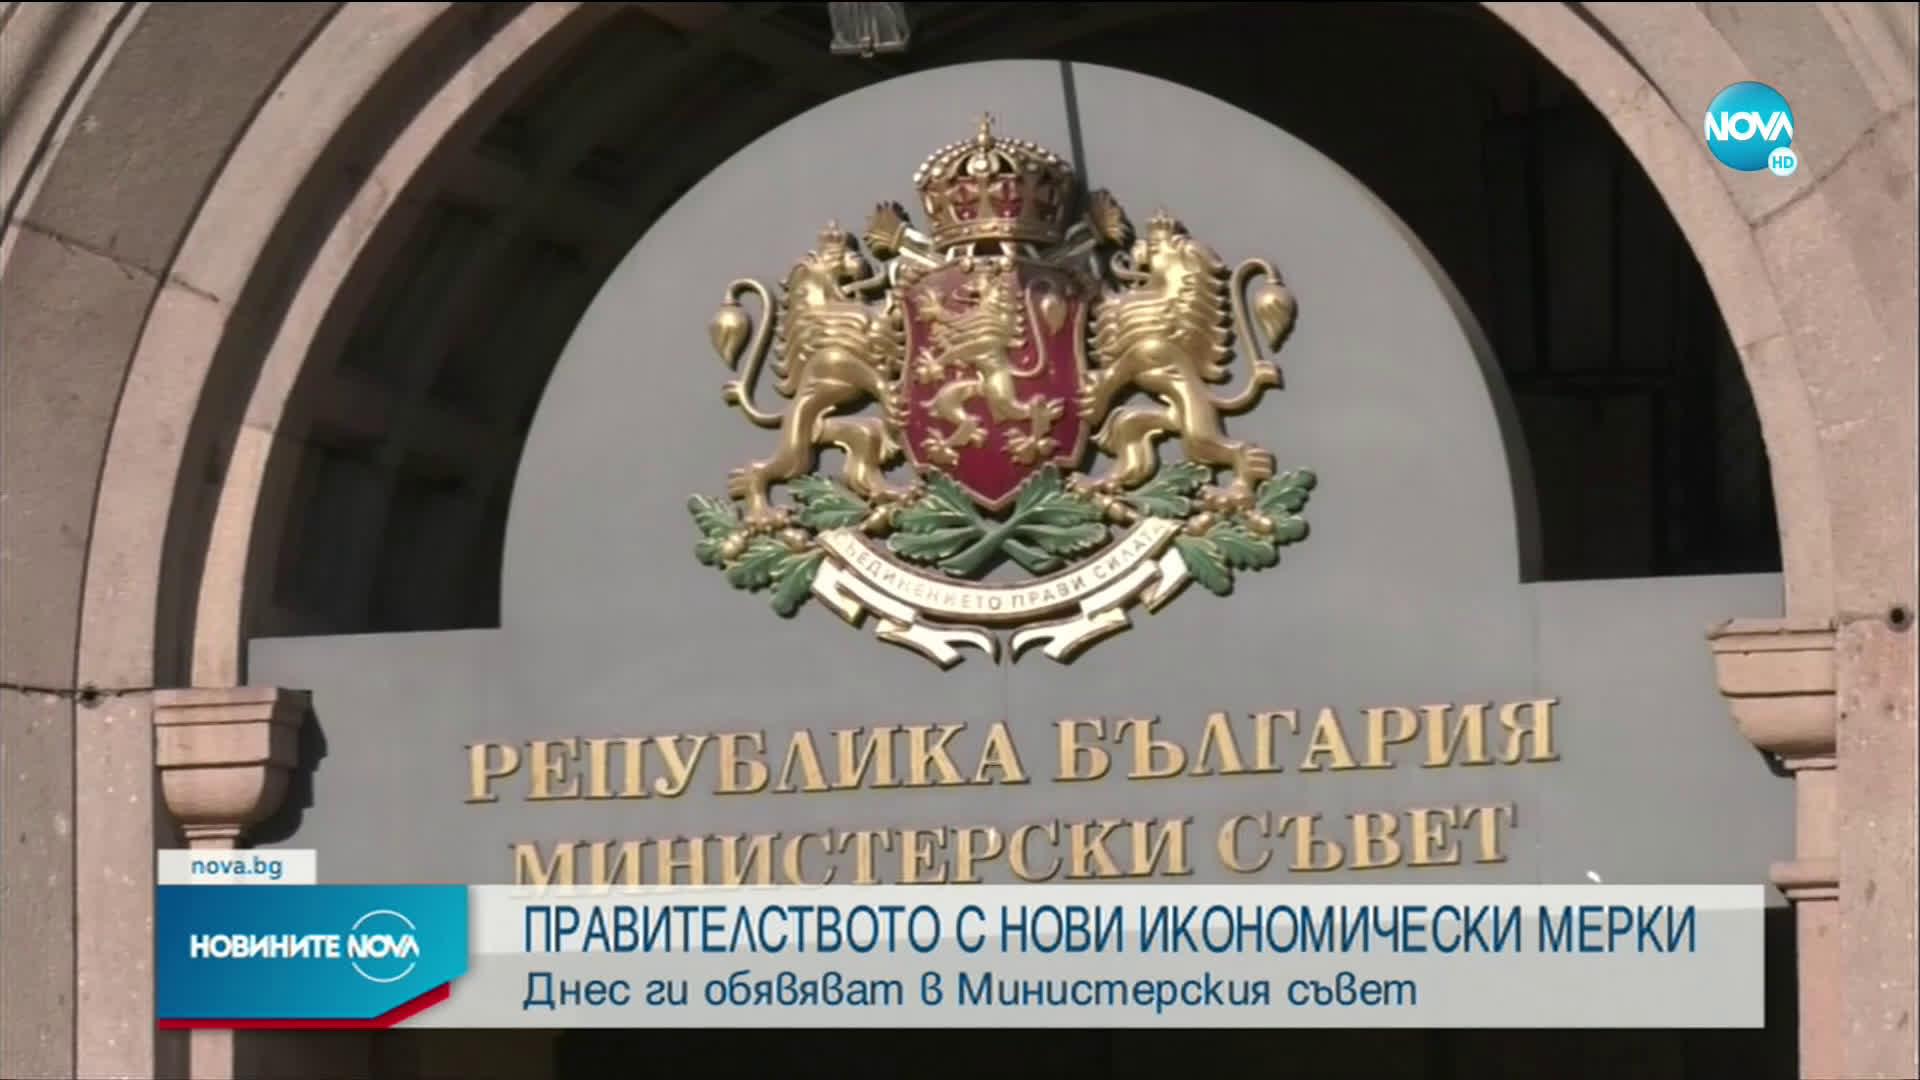 Правителството обявява нови икономически мерки